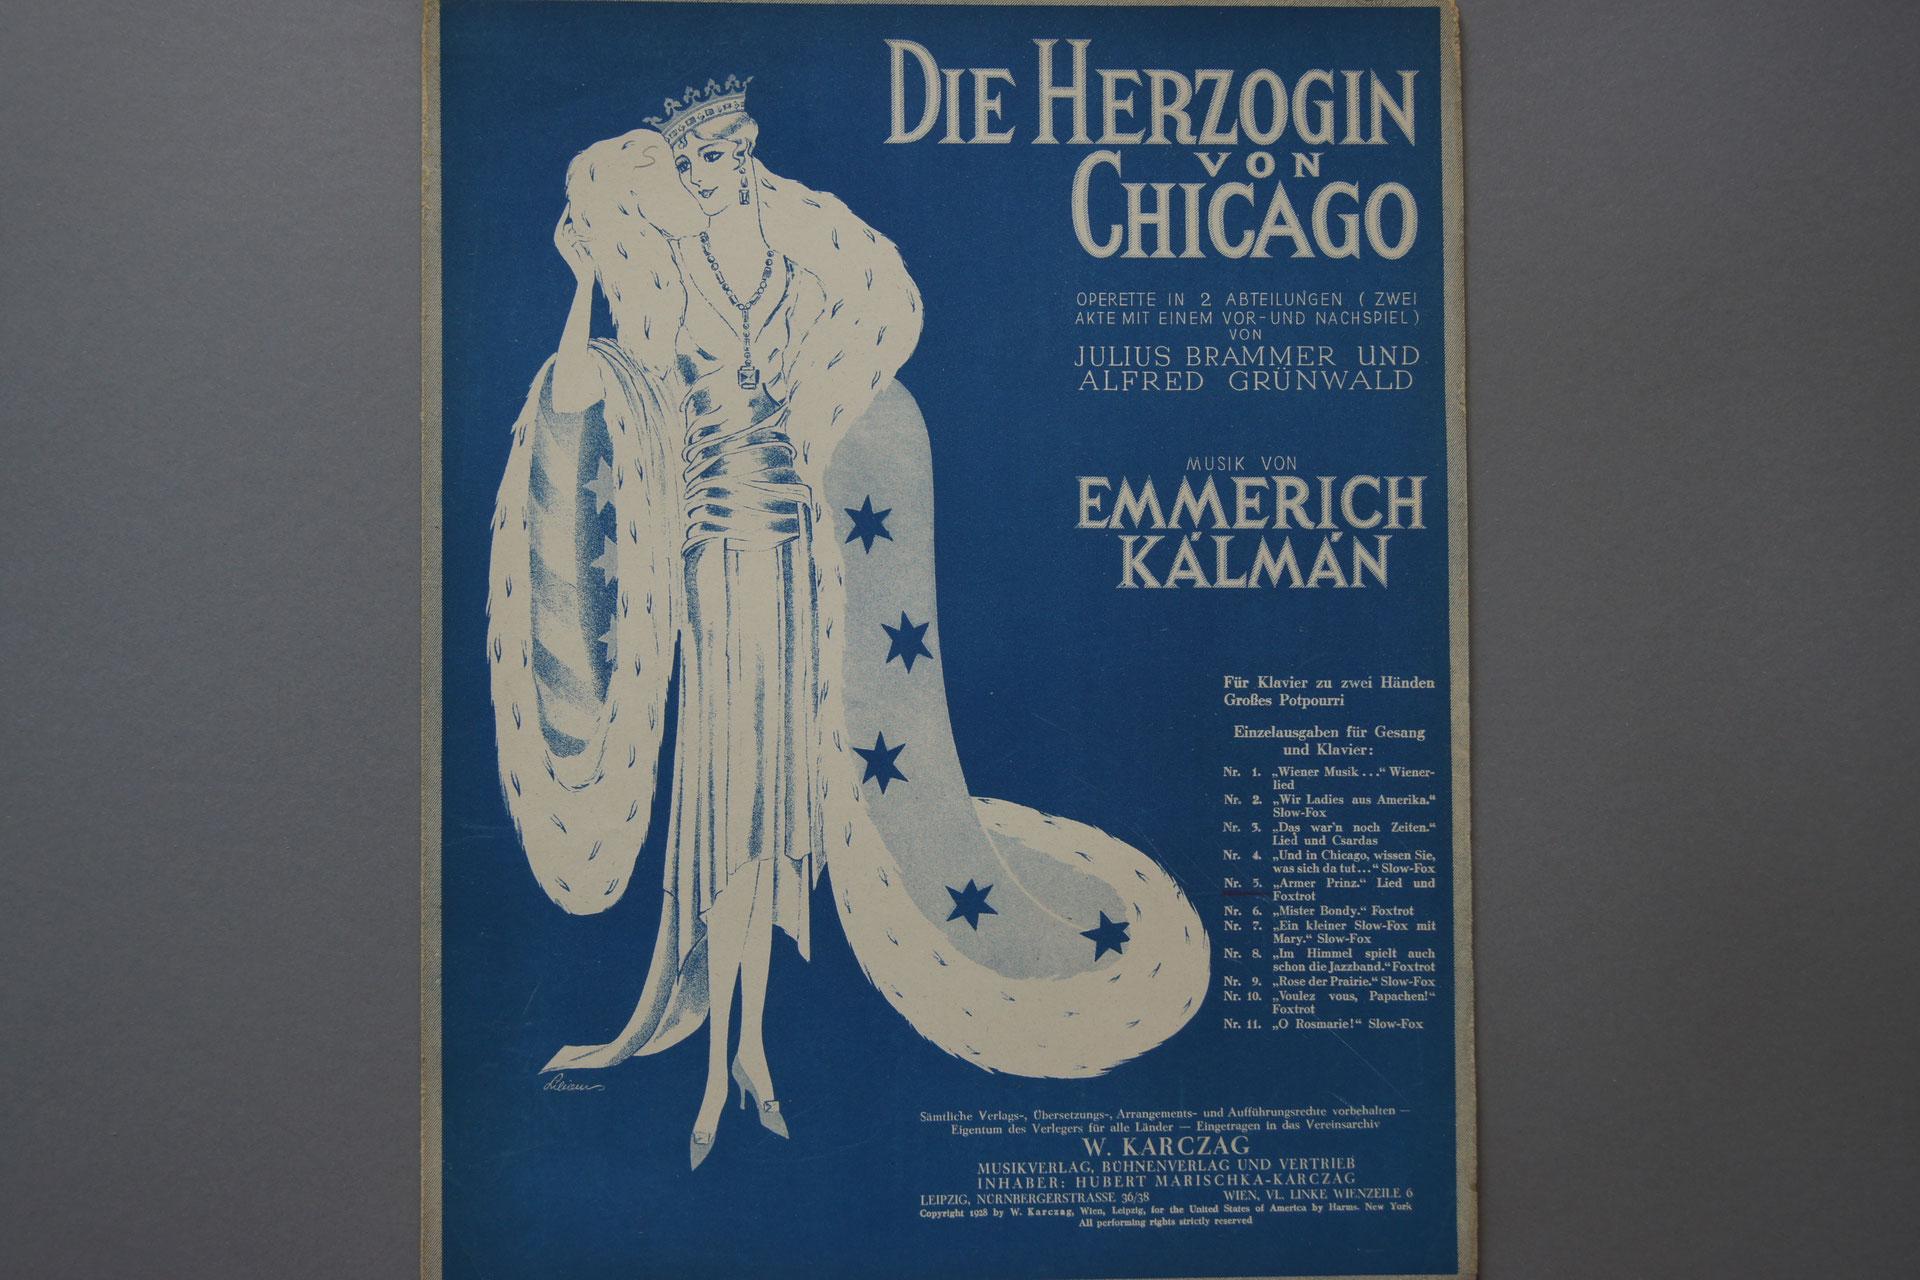 Die Herzogin von Chicago - notenmuseum